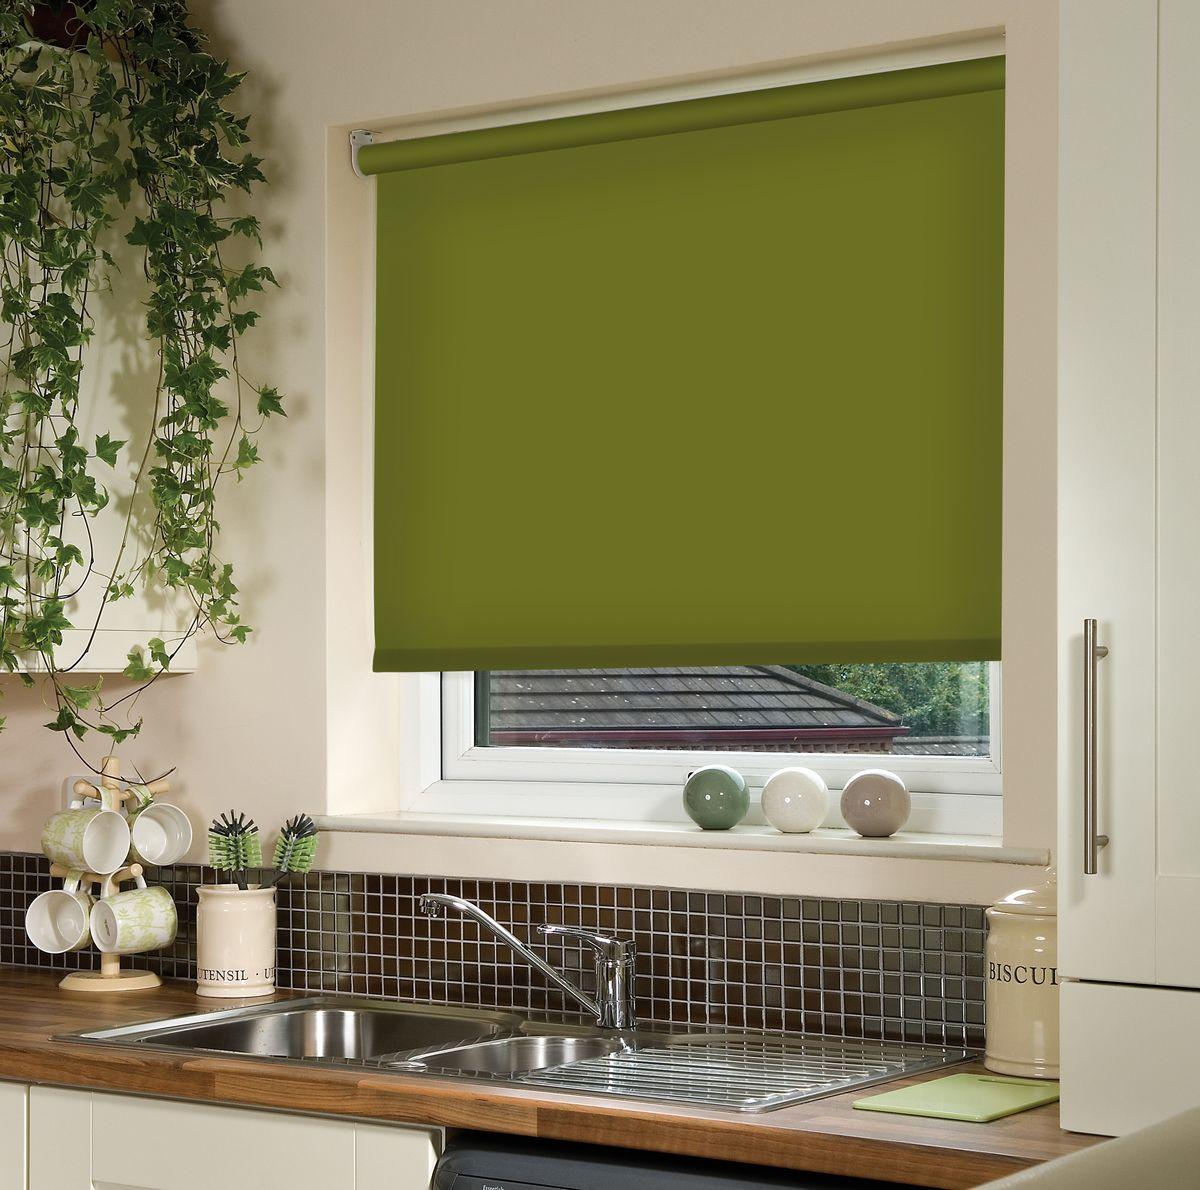 Штора рулонная Эскар, цвет: темно-оливковый, ширина 120 см, высота 170 смS03301004Рулонными шторами можно оформлять окна как самостоятельно, так и использовать в комбинации с портьерами. Это поможет предотвратить выгорание дорогой ткани на солнце и соединит функционал рулонных с красотой навесных.Преимущества применения рулонных штор для пластиковых окон:- имеют прекрасный внешний вид: многообразие и фактурность материала изделия отлично смотрятся в любом интерьере; - многофункциональны: есть возможность подобрать шторы способные эффективно защитить комнату от солнца, при этом о на не будет слишком темной. - Есть возможность осуществить быстрый монтаж. ВНИМАНИЕ! Размеры ширины изделия указаны по ширине ткани!Во время эксплуатации не рекомендуется полностью разматывать рулон, чтобы не оторвать ткань от намоточного вала.В случае загрязнения поверхности ткани, чистку шторы проводят одним из способов, в зависимости от типа загрязнения: легкое поверхностное загрязнение можно удалить при помощи канцелярского ластика; чистка от пыли производится сухим методом при помощи пылесоса с мягкой щеткой-насадкой; для удаления пятна используйте мягкую губку с пенообразующим неагрессивным моющим средством или пятновыводитель на натуральной основе (нельзя применять растворители).